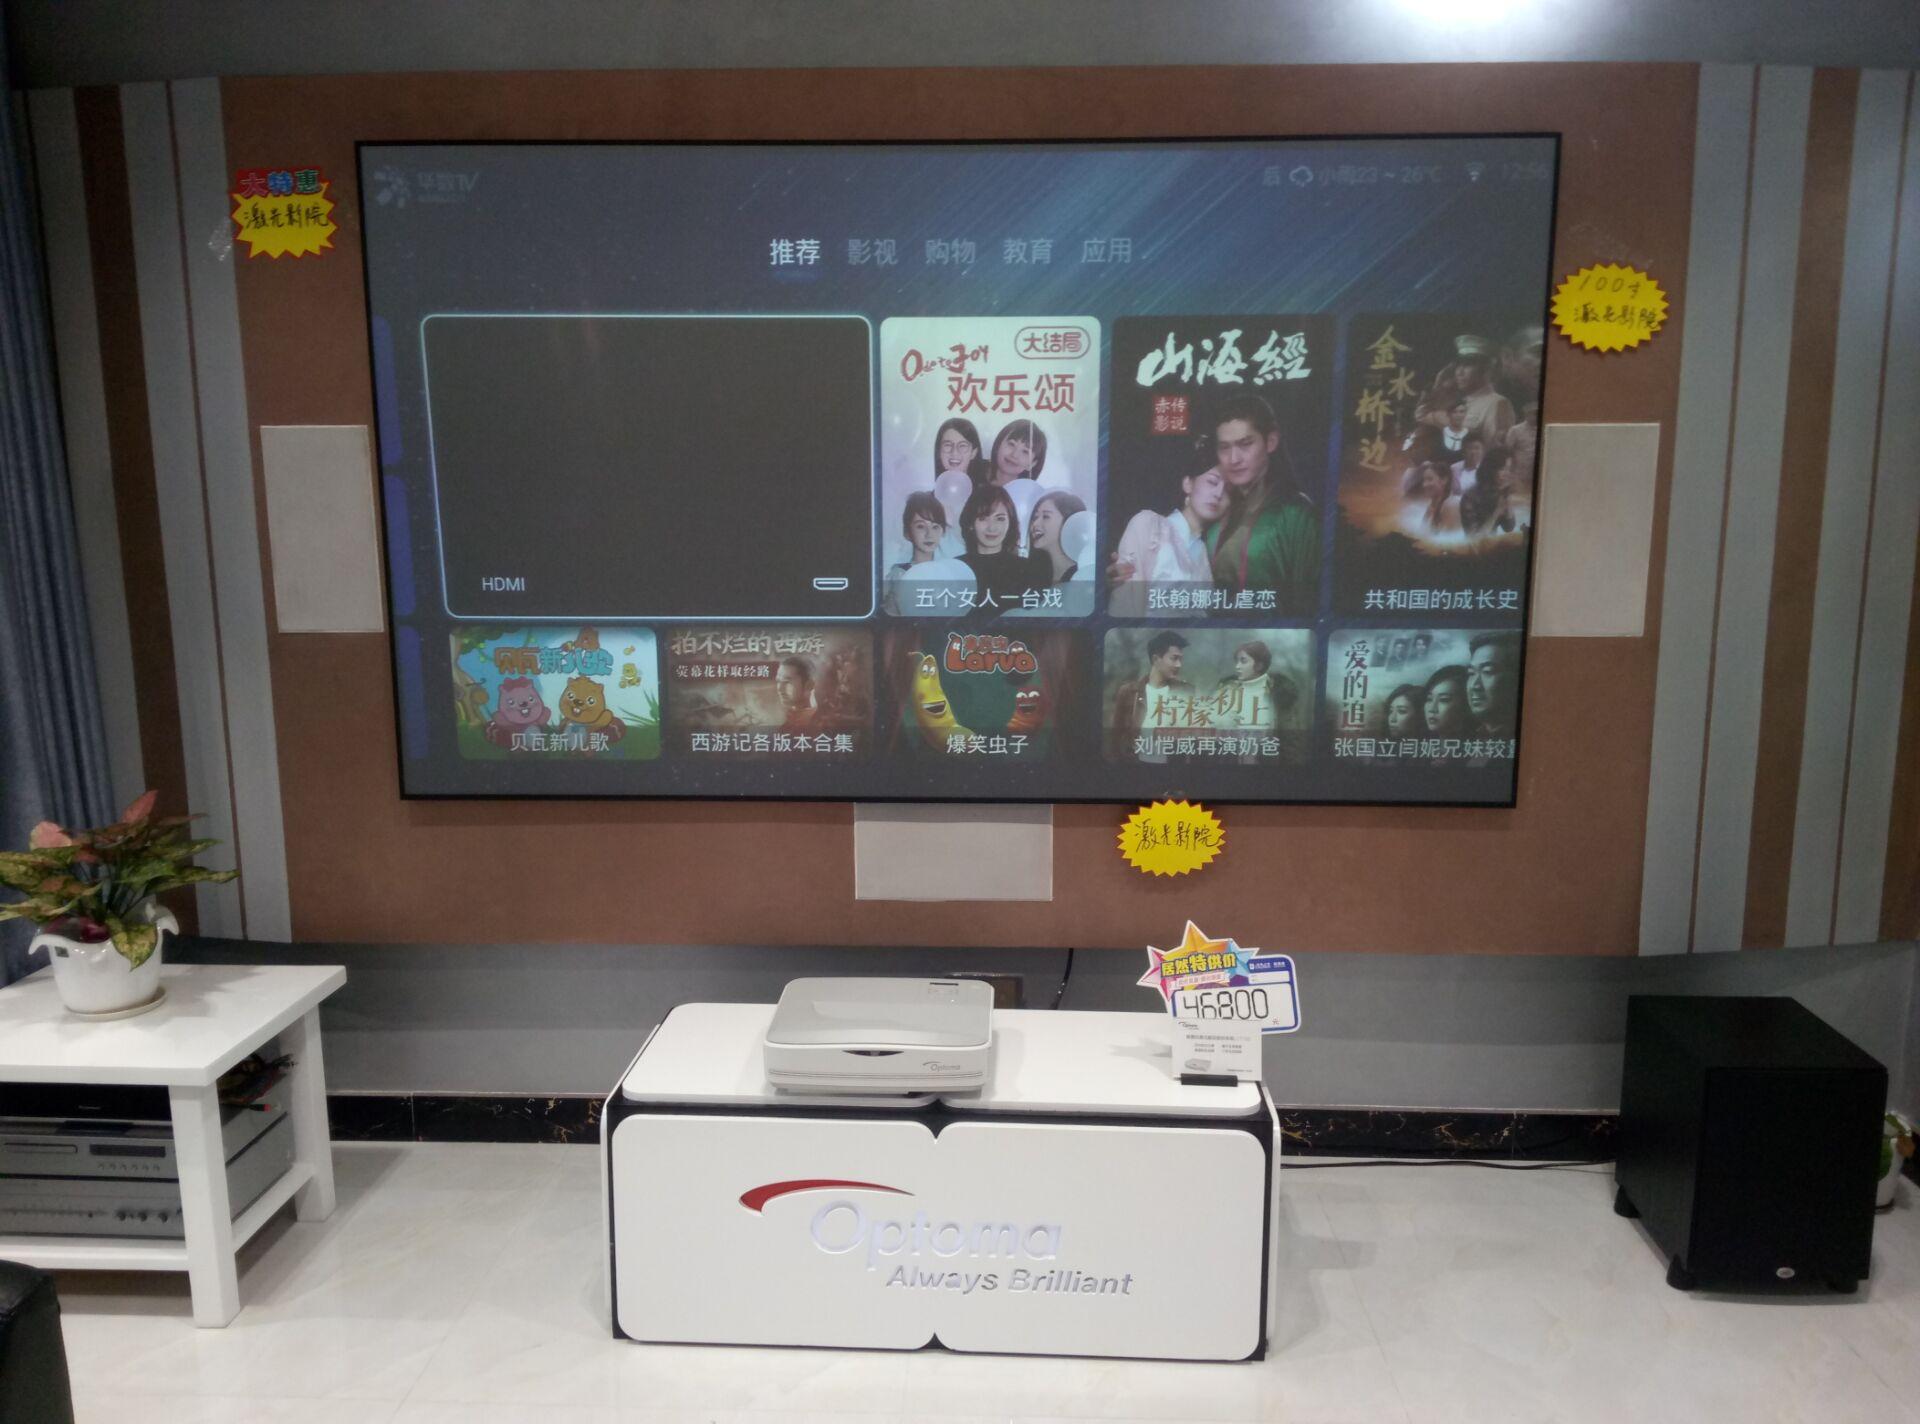 美国奥图码激光电视回馈客户大促销